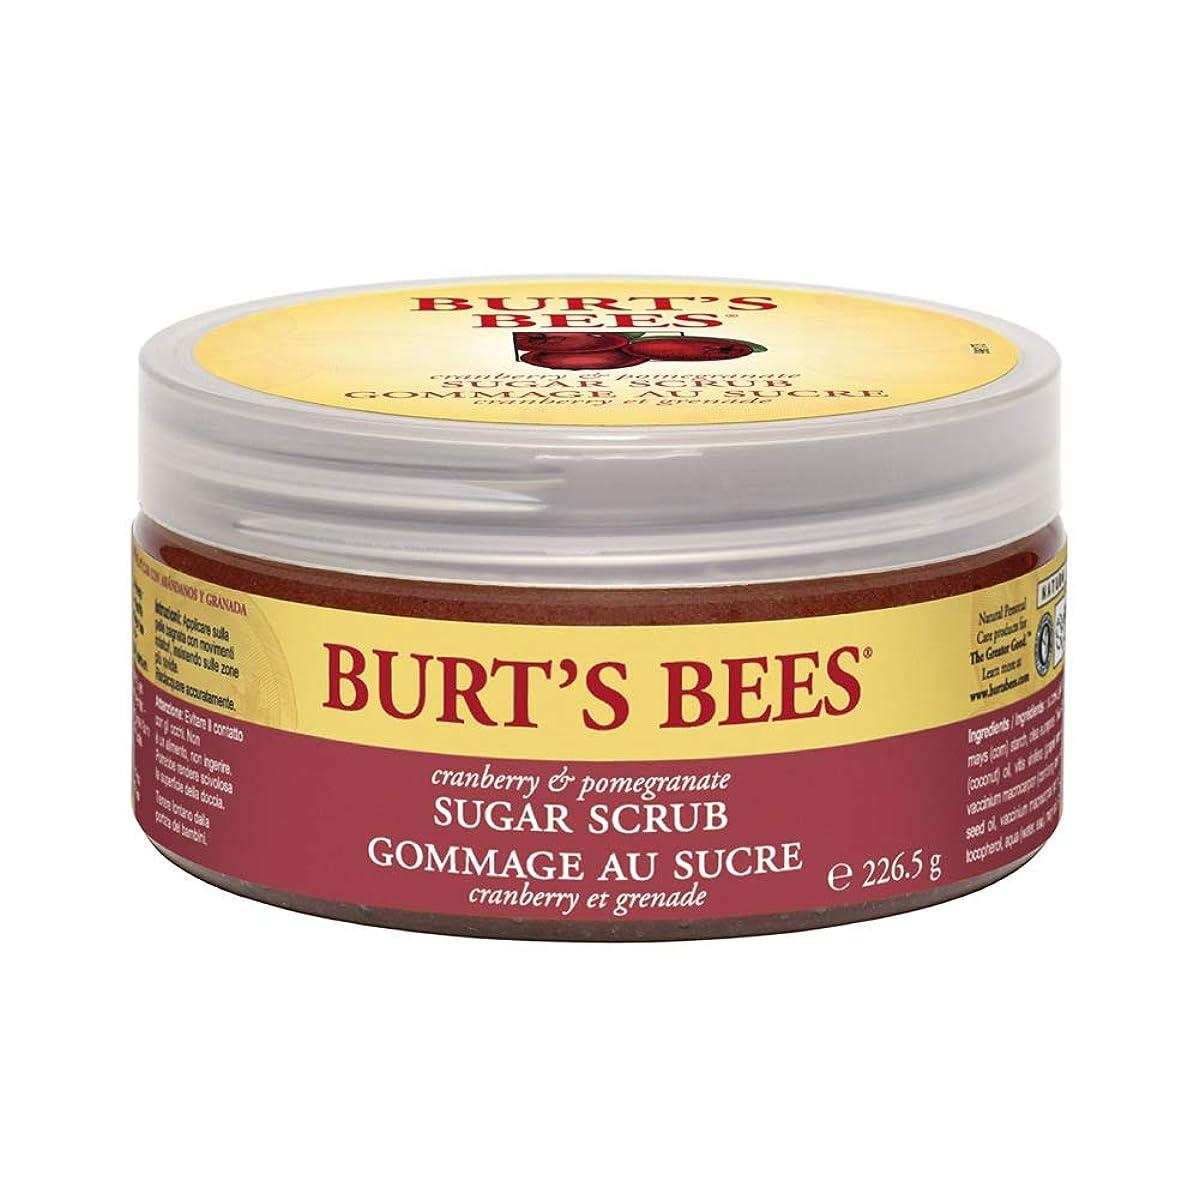 ヒット慣れる上がるバーツビーズ (Burt's Bees) C&P シュガースクラブ 225g